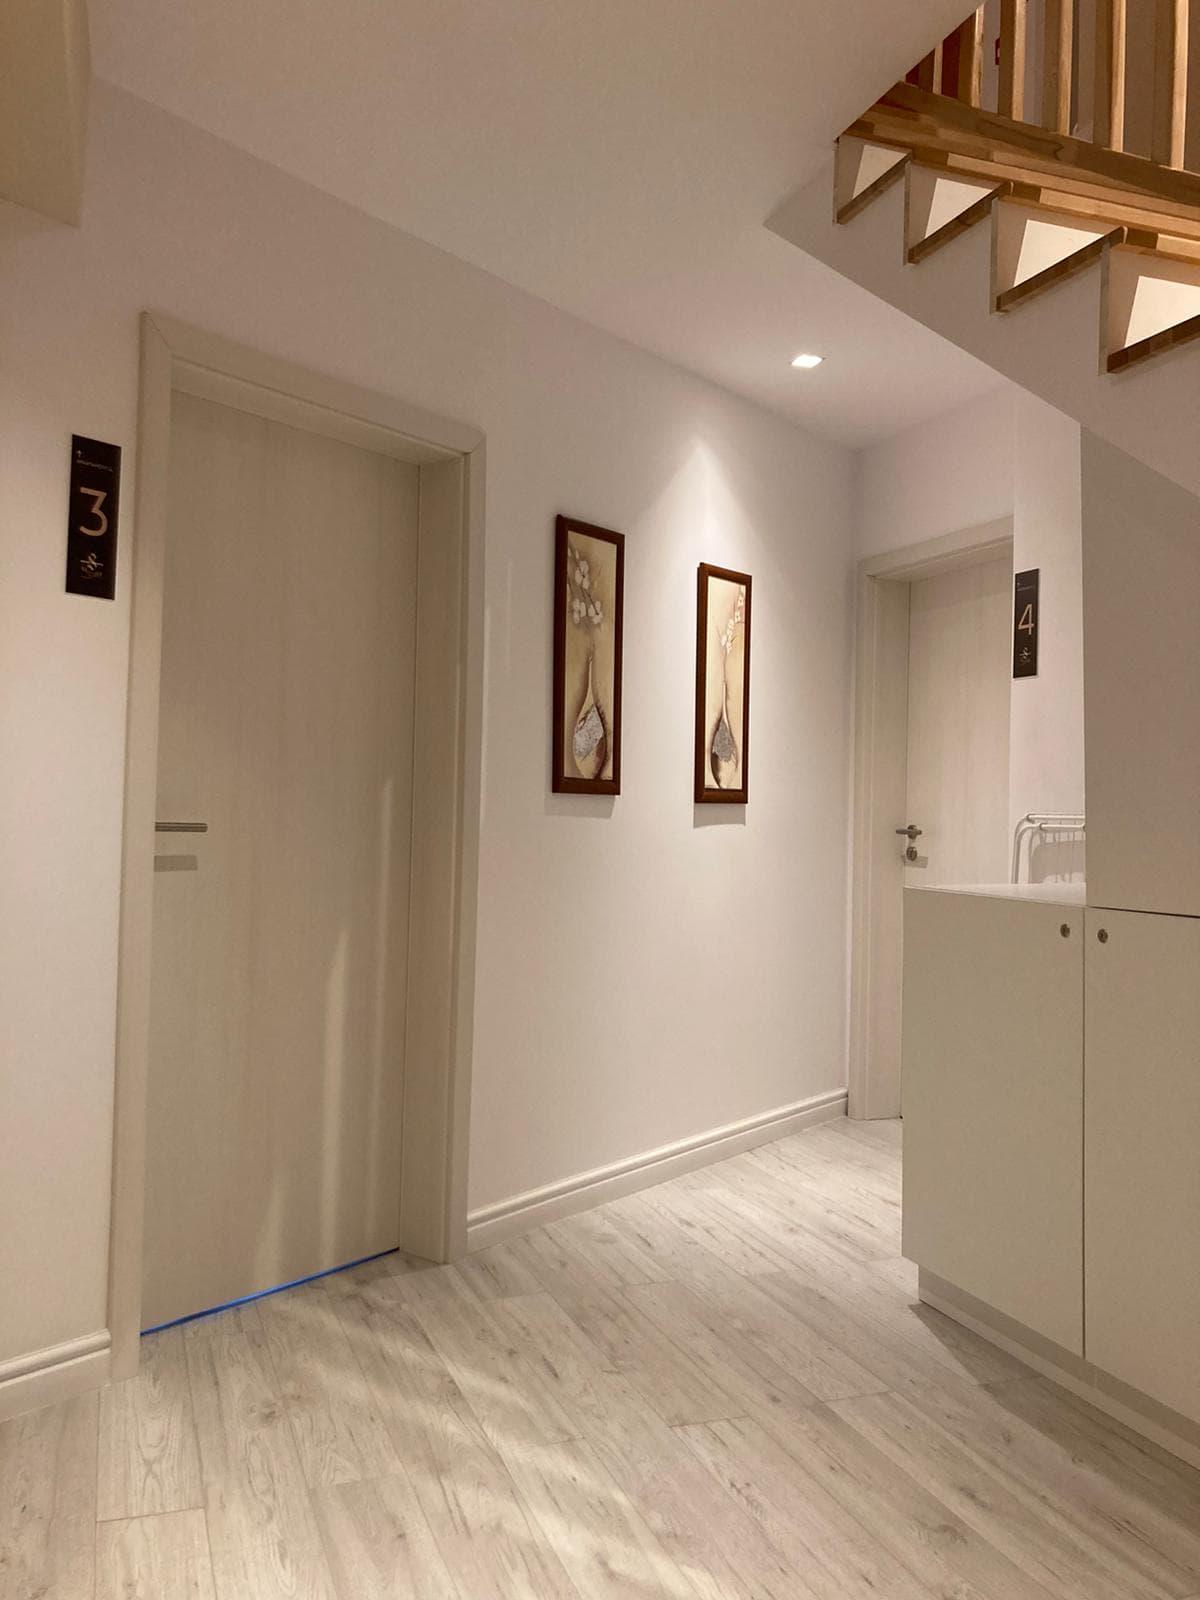 1 33 1 - Amenajări interioare Brasov pentru apartamente, garsoniere, vile, sedii firme